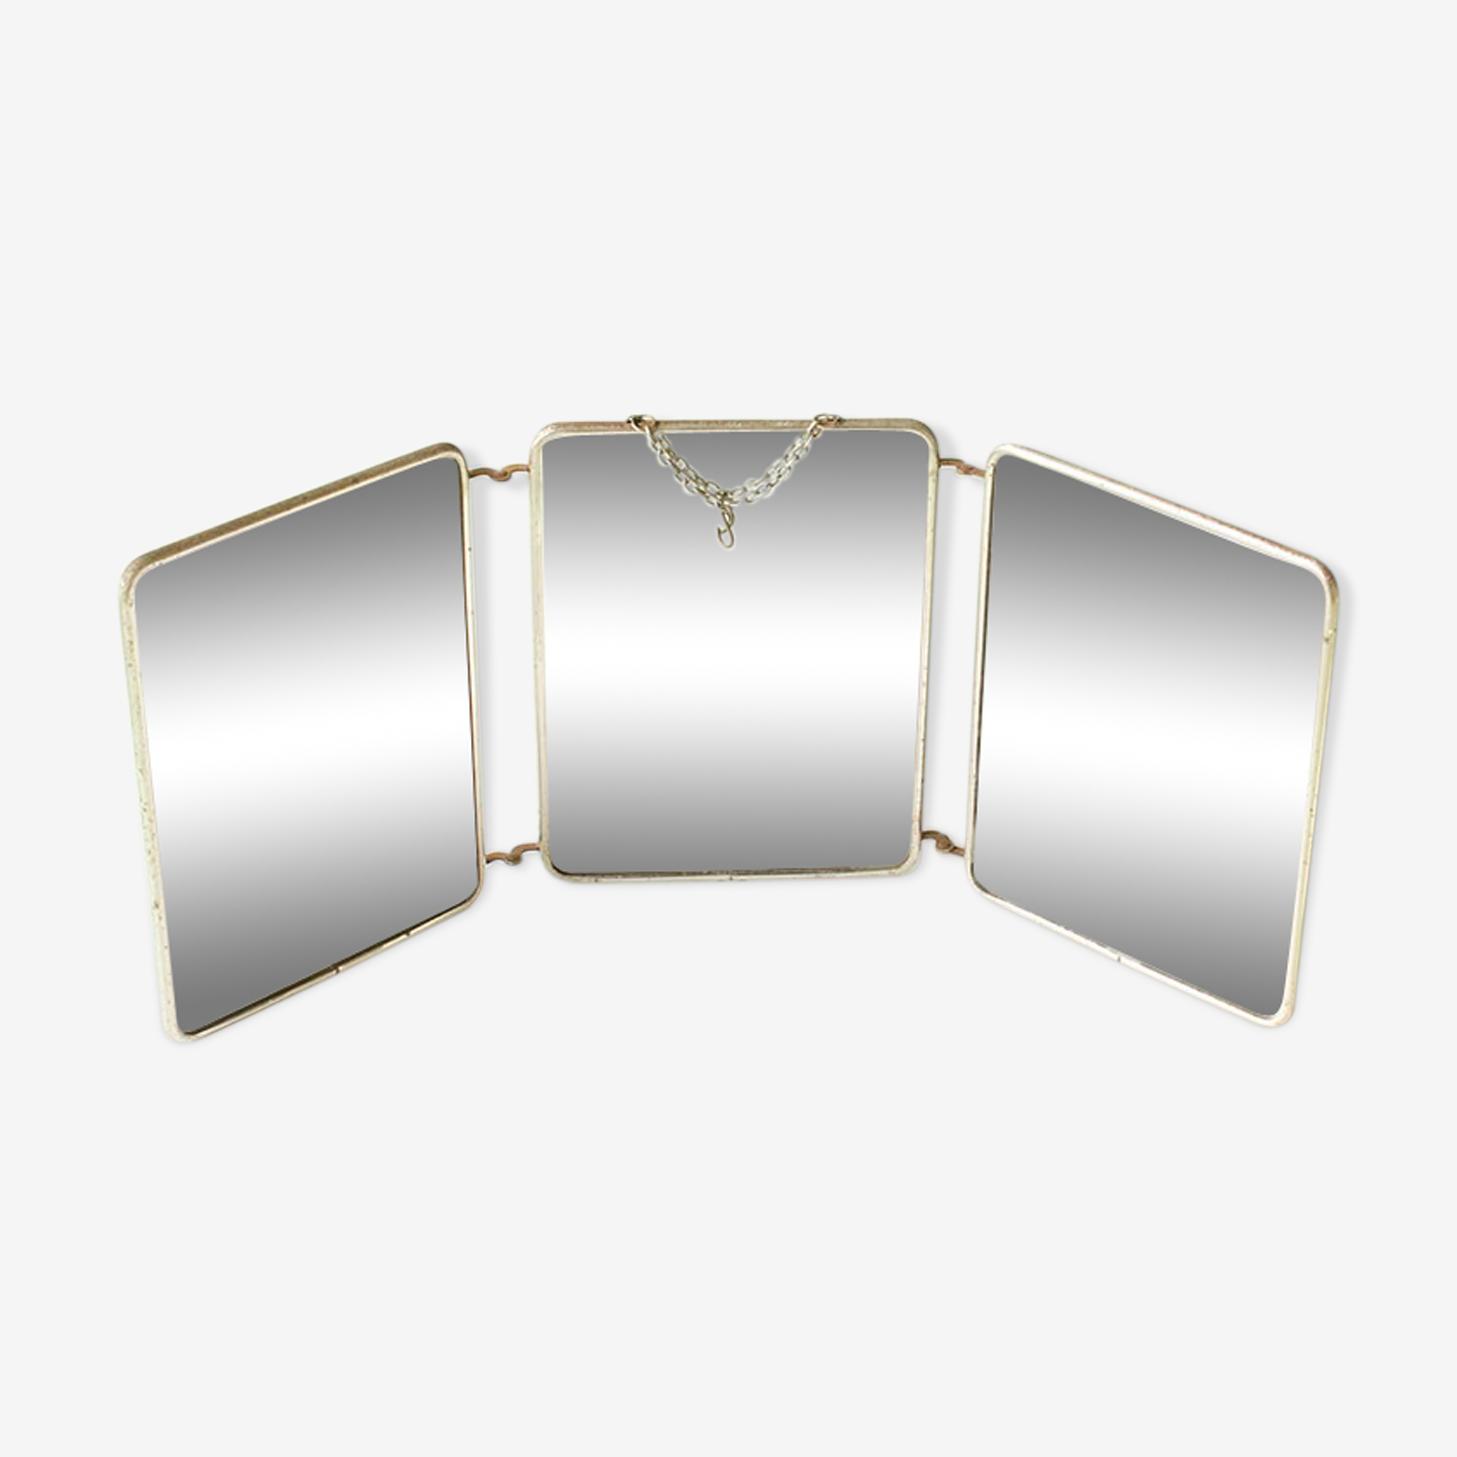 Miroir triptyque 58x24cm